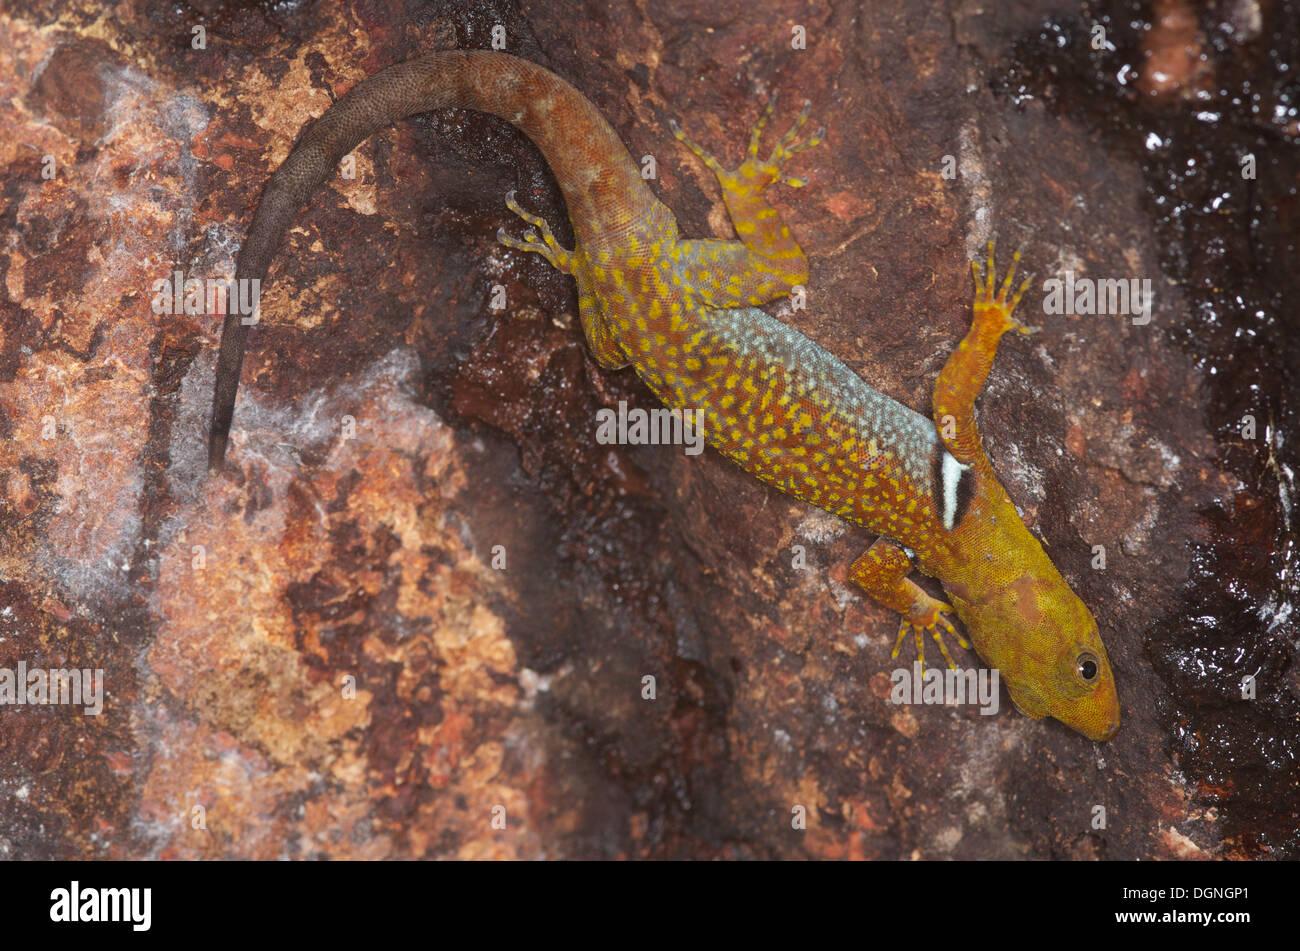 Un collier gecko (Gonatodes concinnatus Forêt) accroché à un tronc d'arbre dans la forêt amazonienne à Loreto au Pérou. Banque D'Images